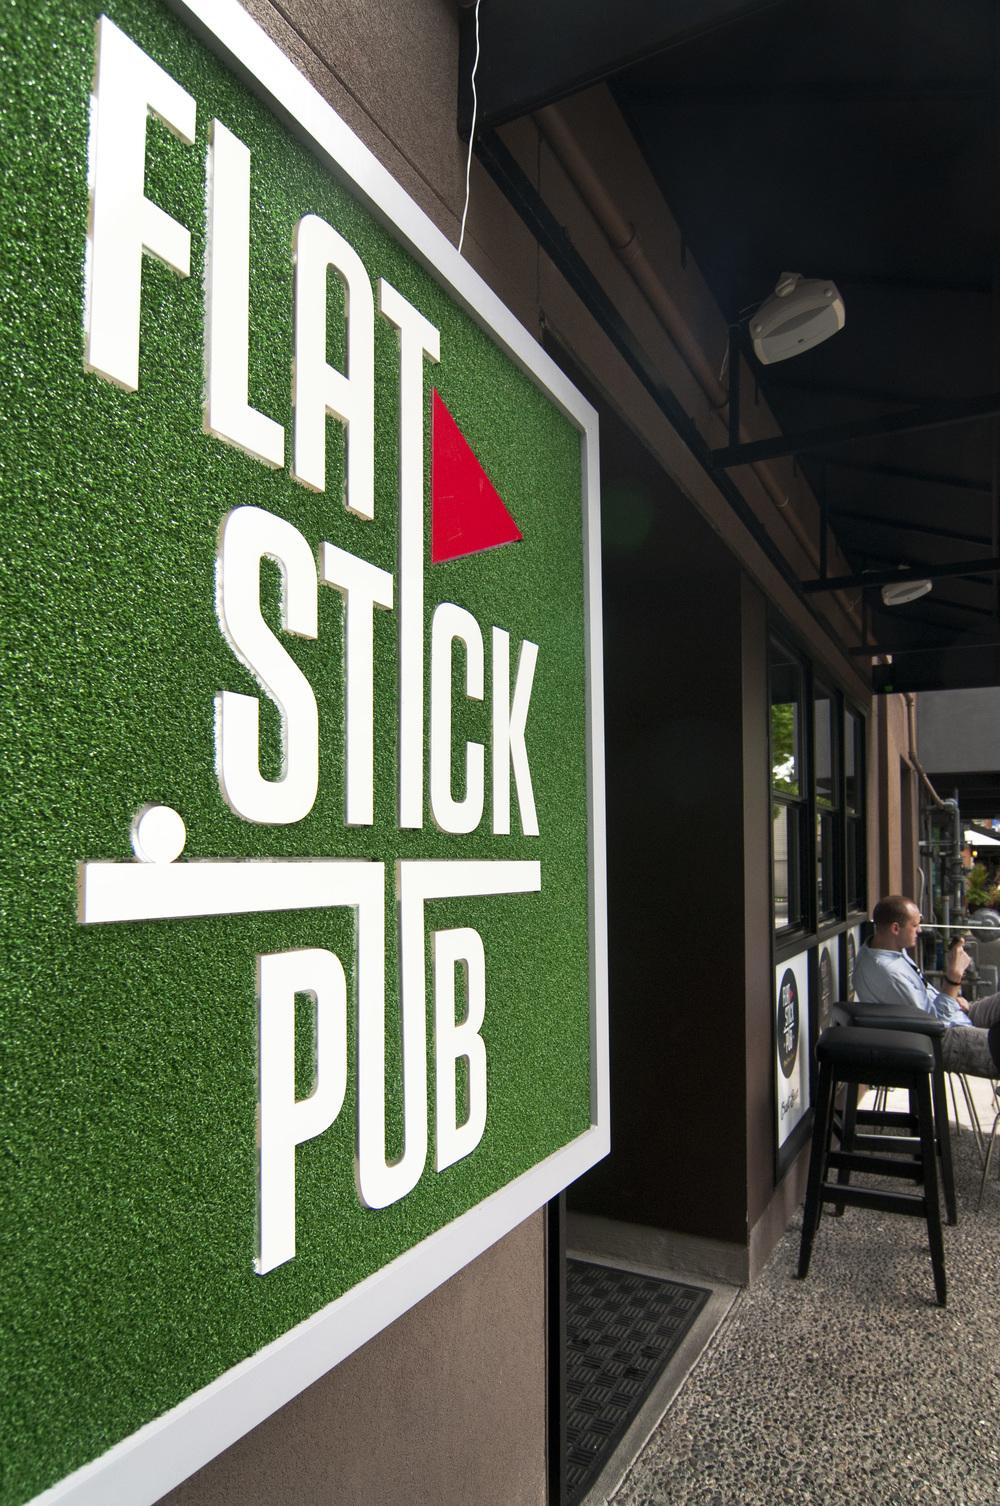 flatstick-21.jpg